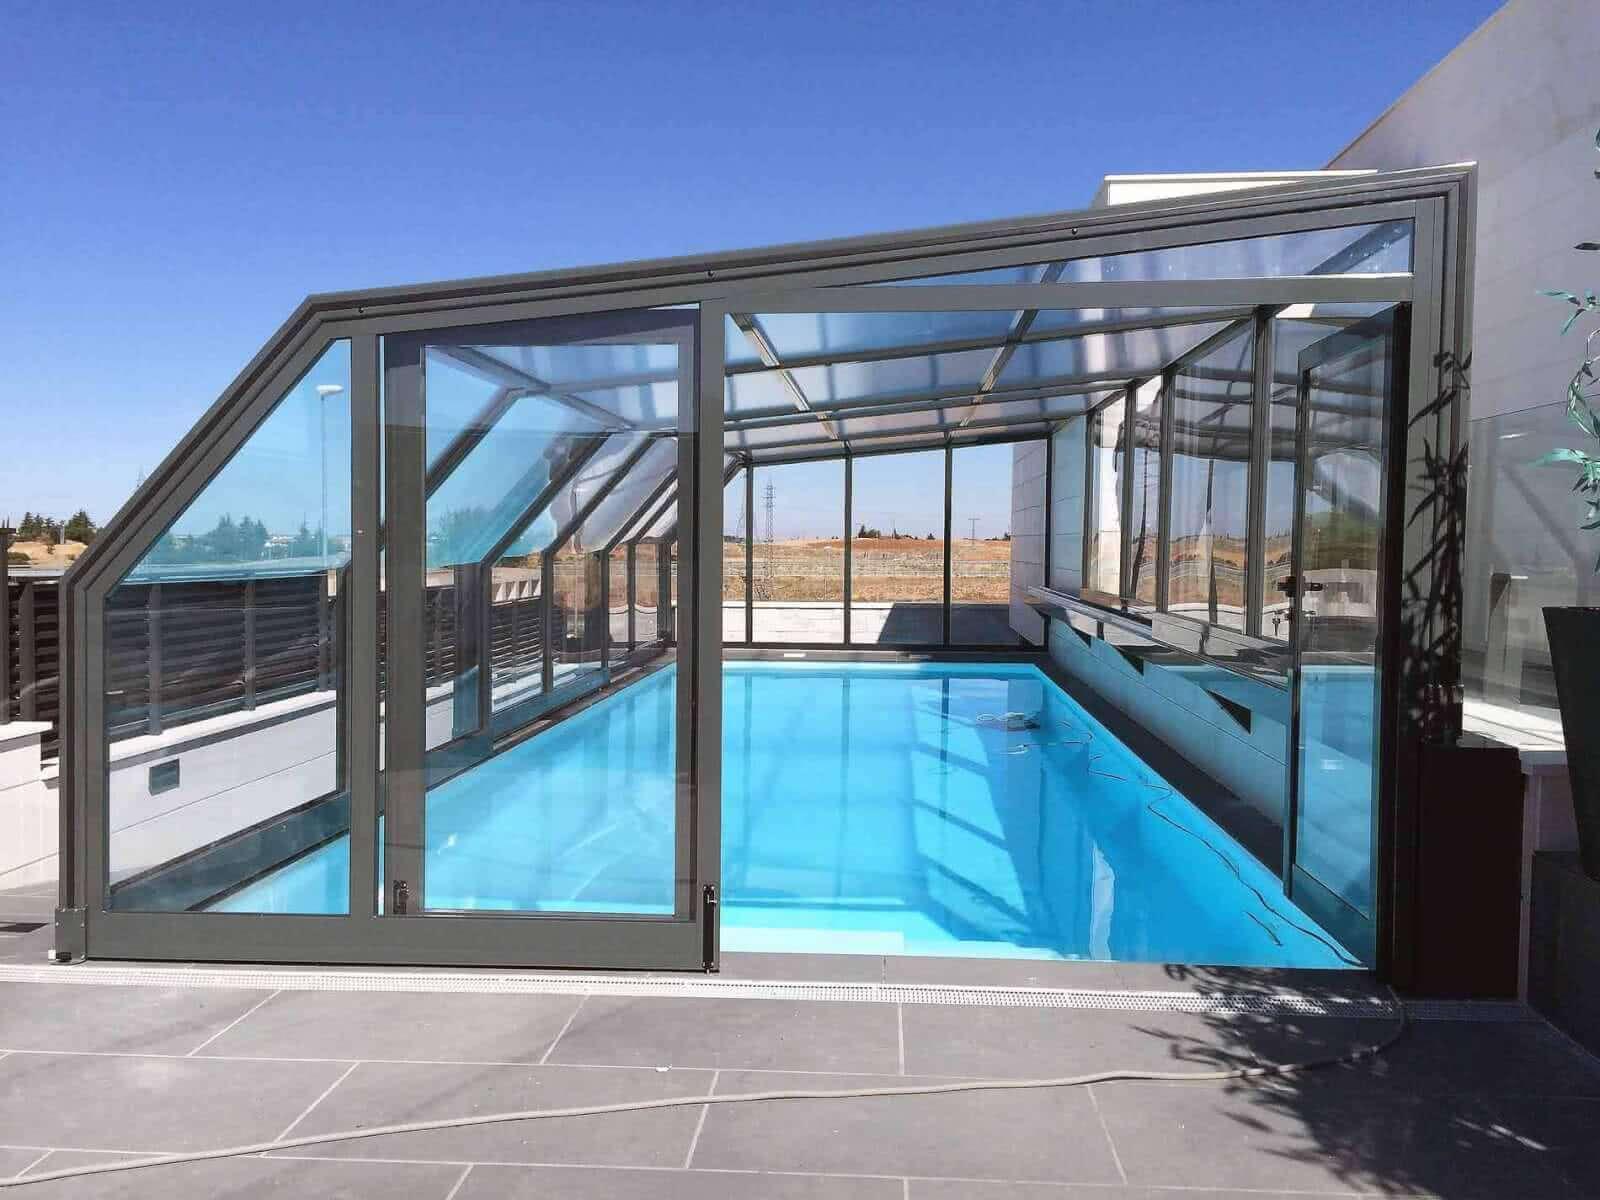 Cubiertas de piscinas personalizadas tecnyvan for Fabricantes piscinas